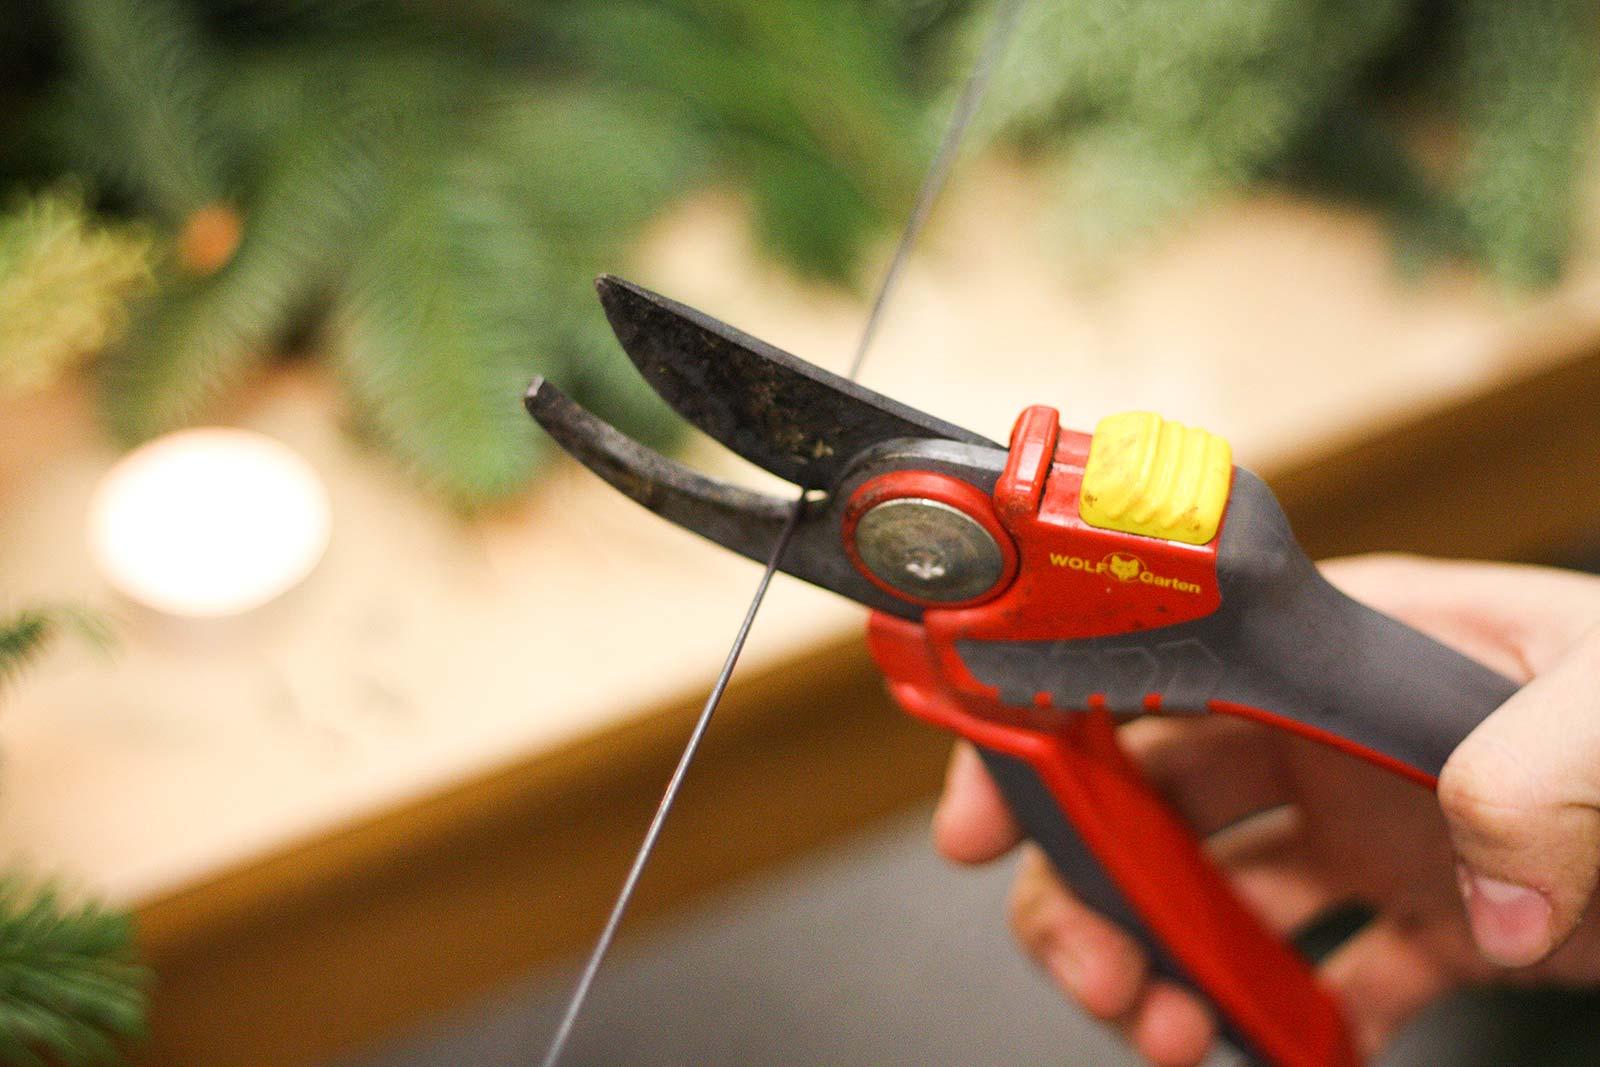 DIY-Adventskranz - Draht zuschneiden